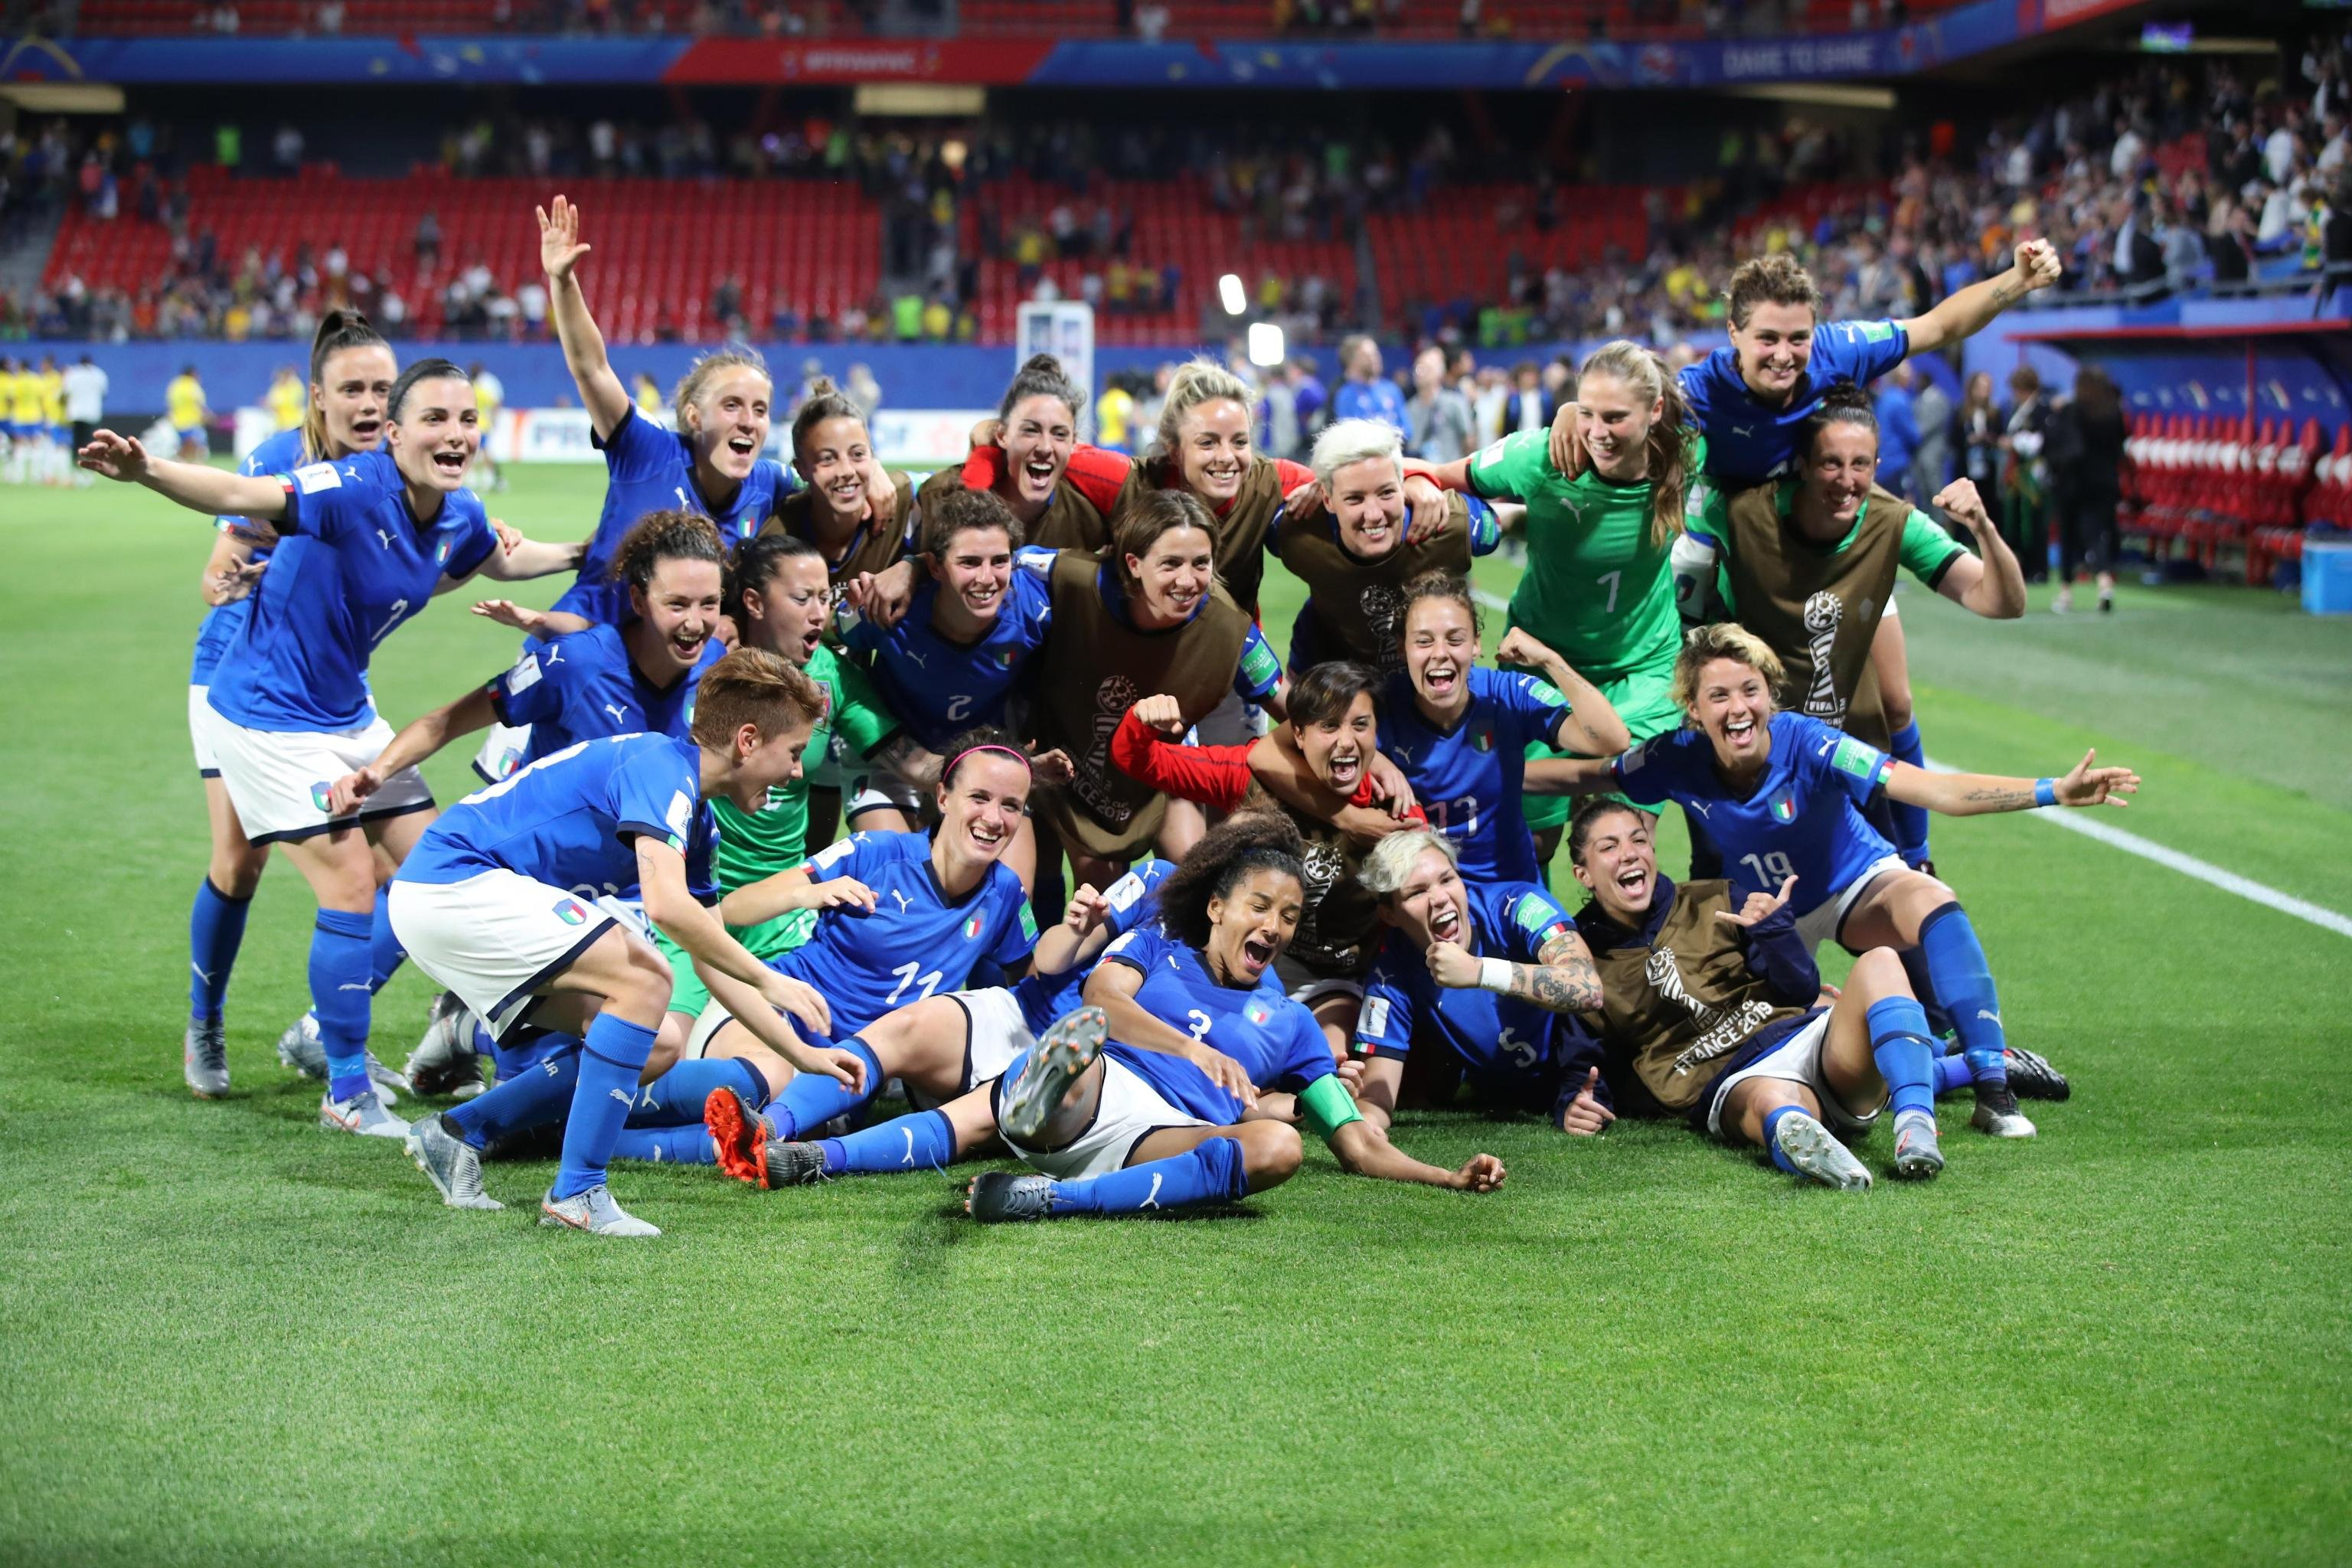 Mondiali di Calcio Femminile, Ottavi - Italia vs Cina | Diretta Rai 1 e Sky Sport